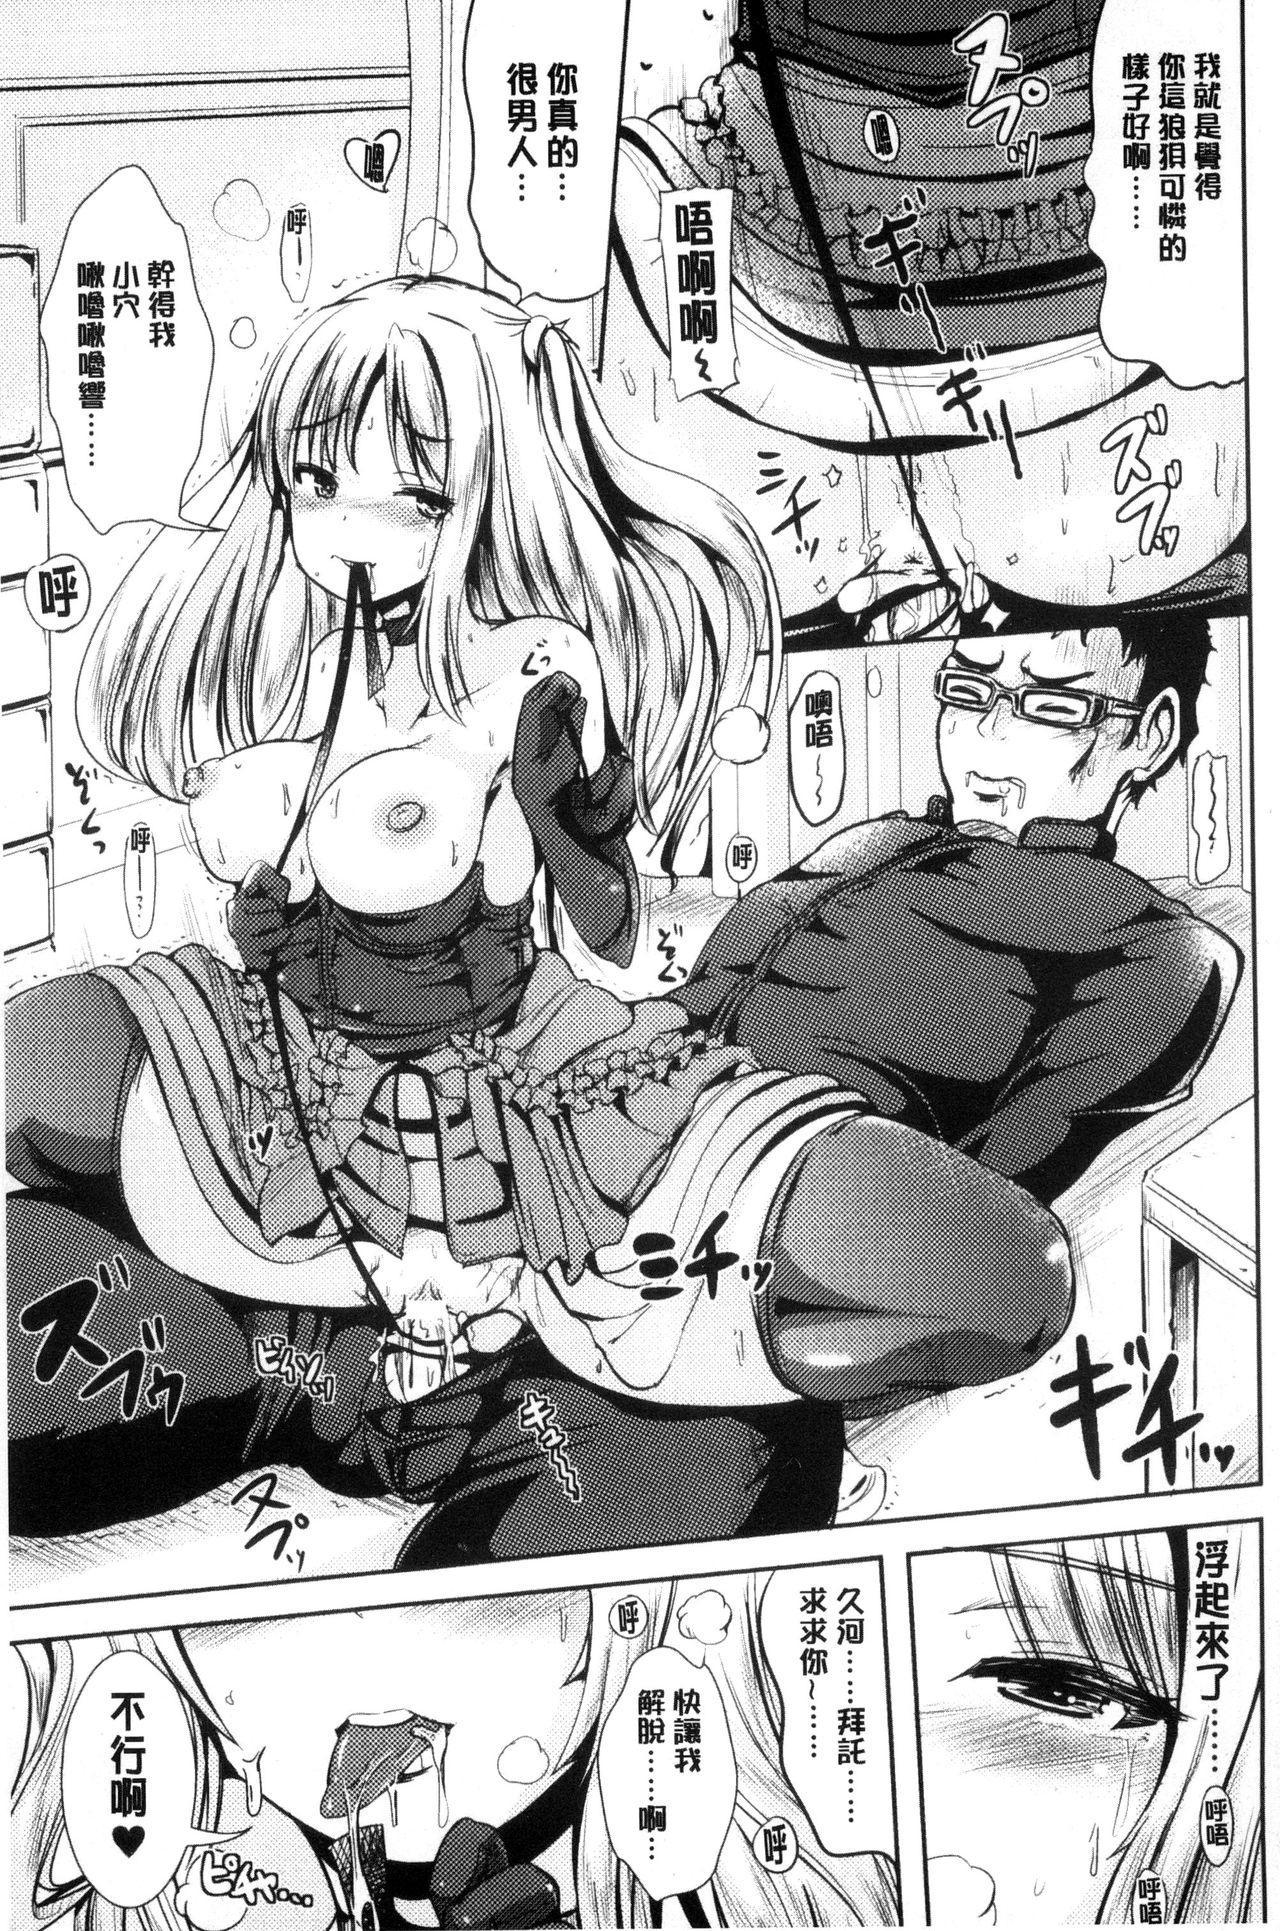 [Marneko] Onnanoko Supple ~Seitenkan Shite Hoken no Jugyou~   女孩子補給品 性轉換之後保健的授業 [Chinese] 56